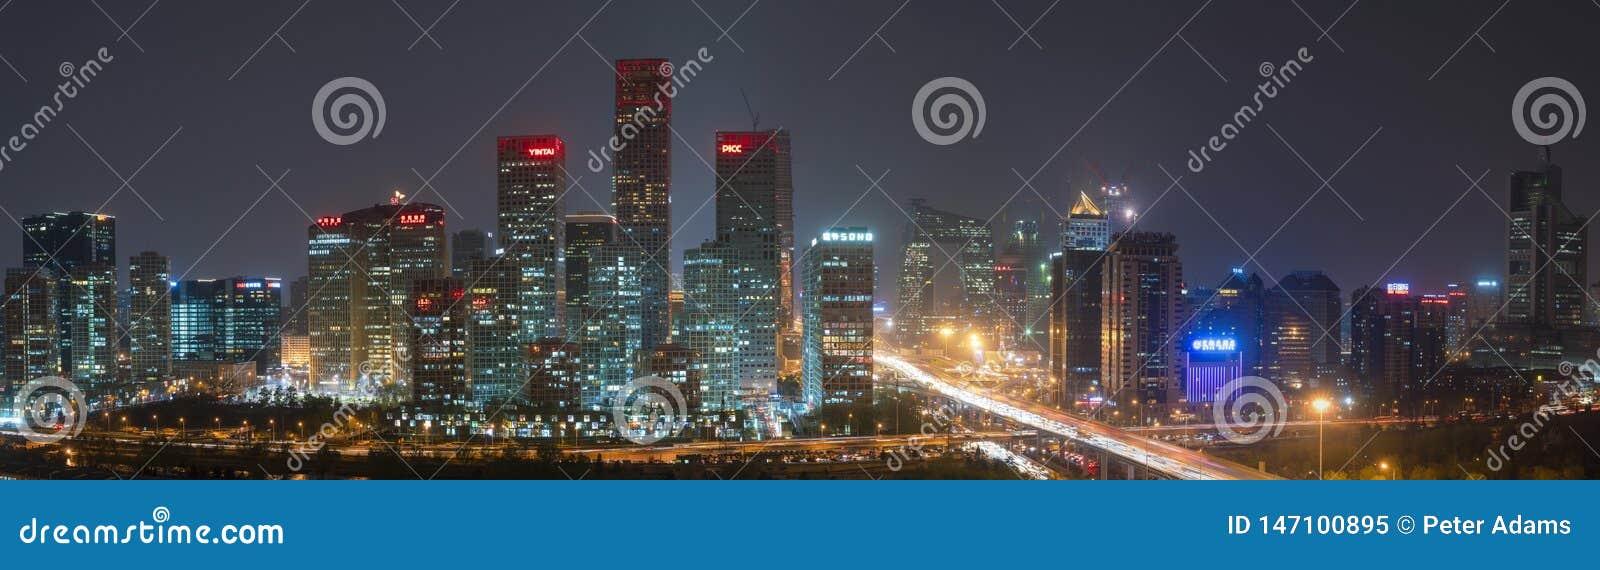 Finansiell horisont för Peking som är central, affärsområde, Peking